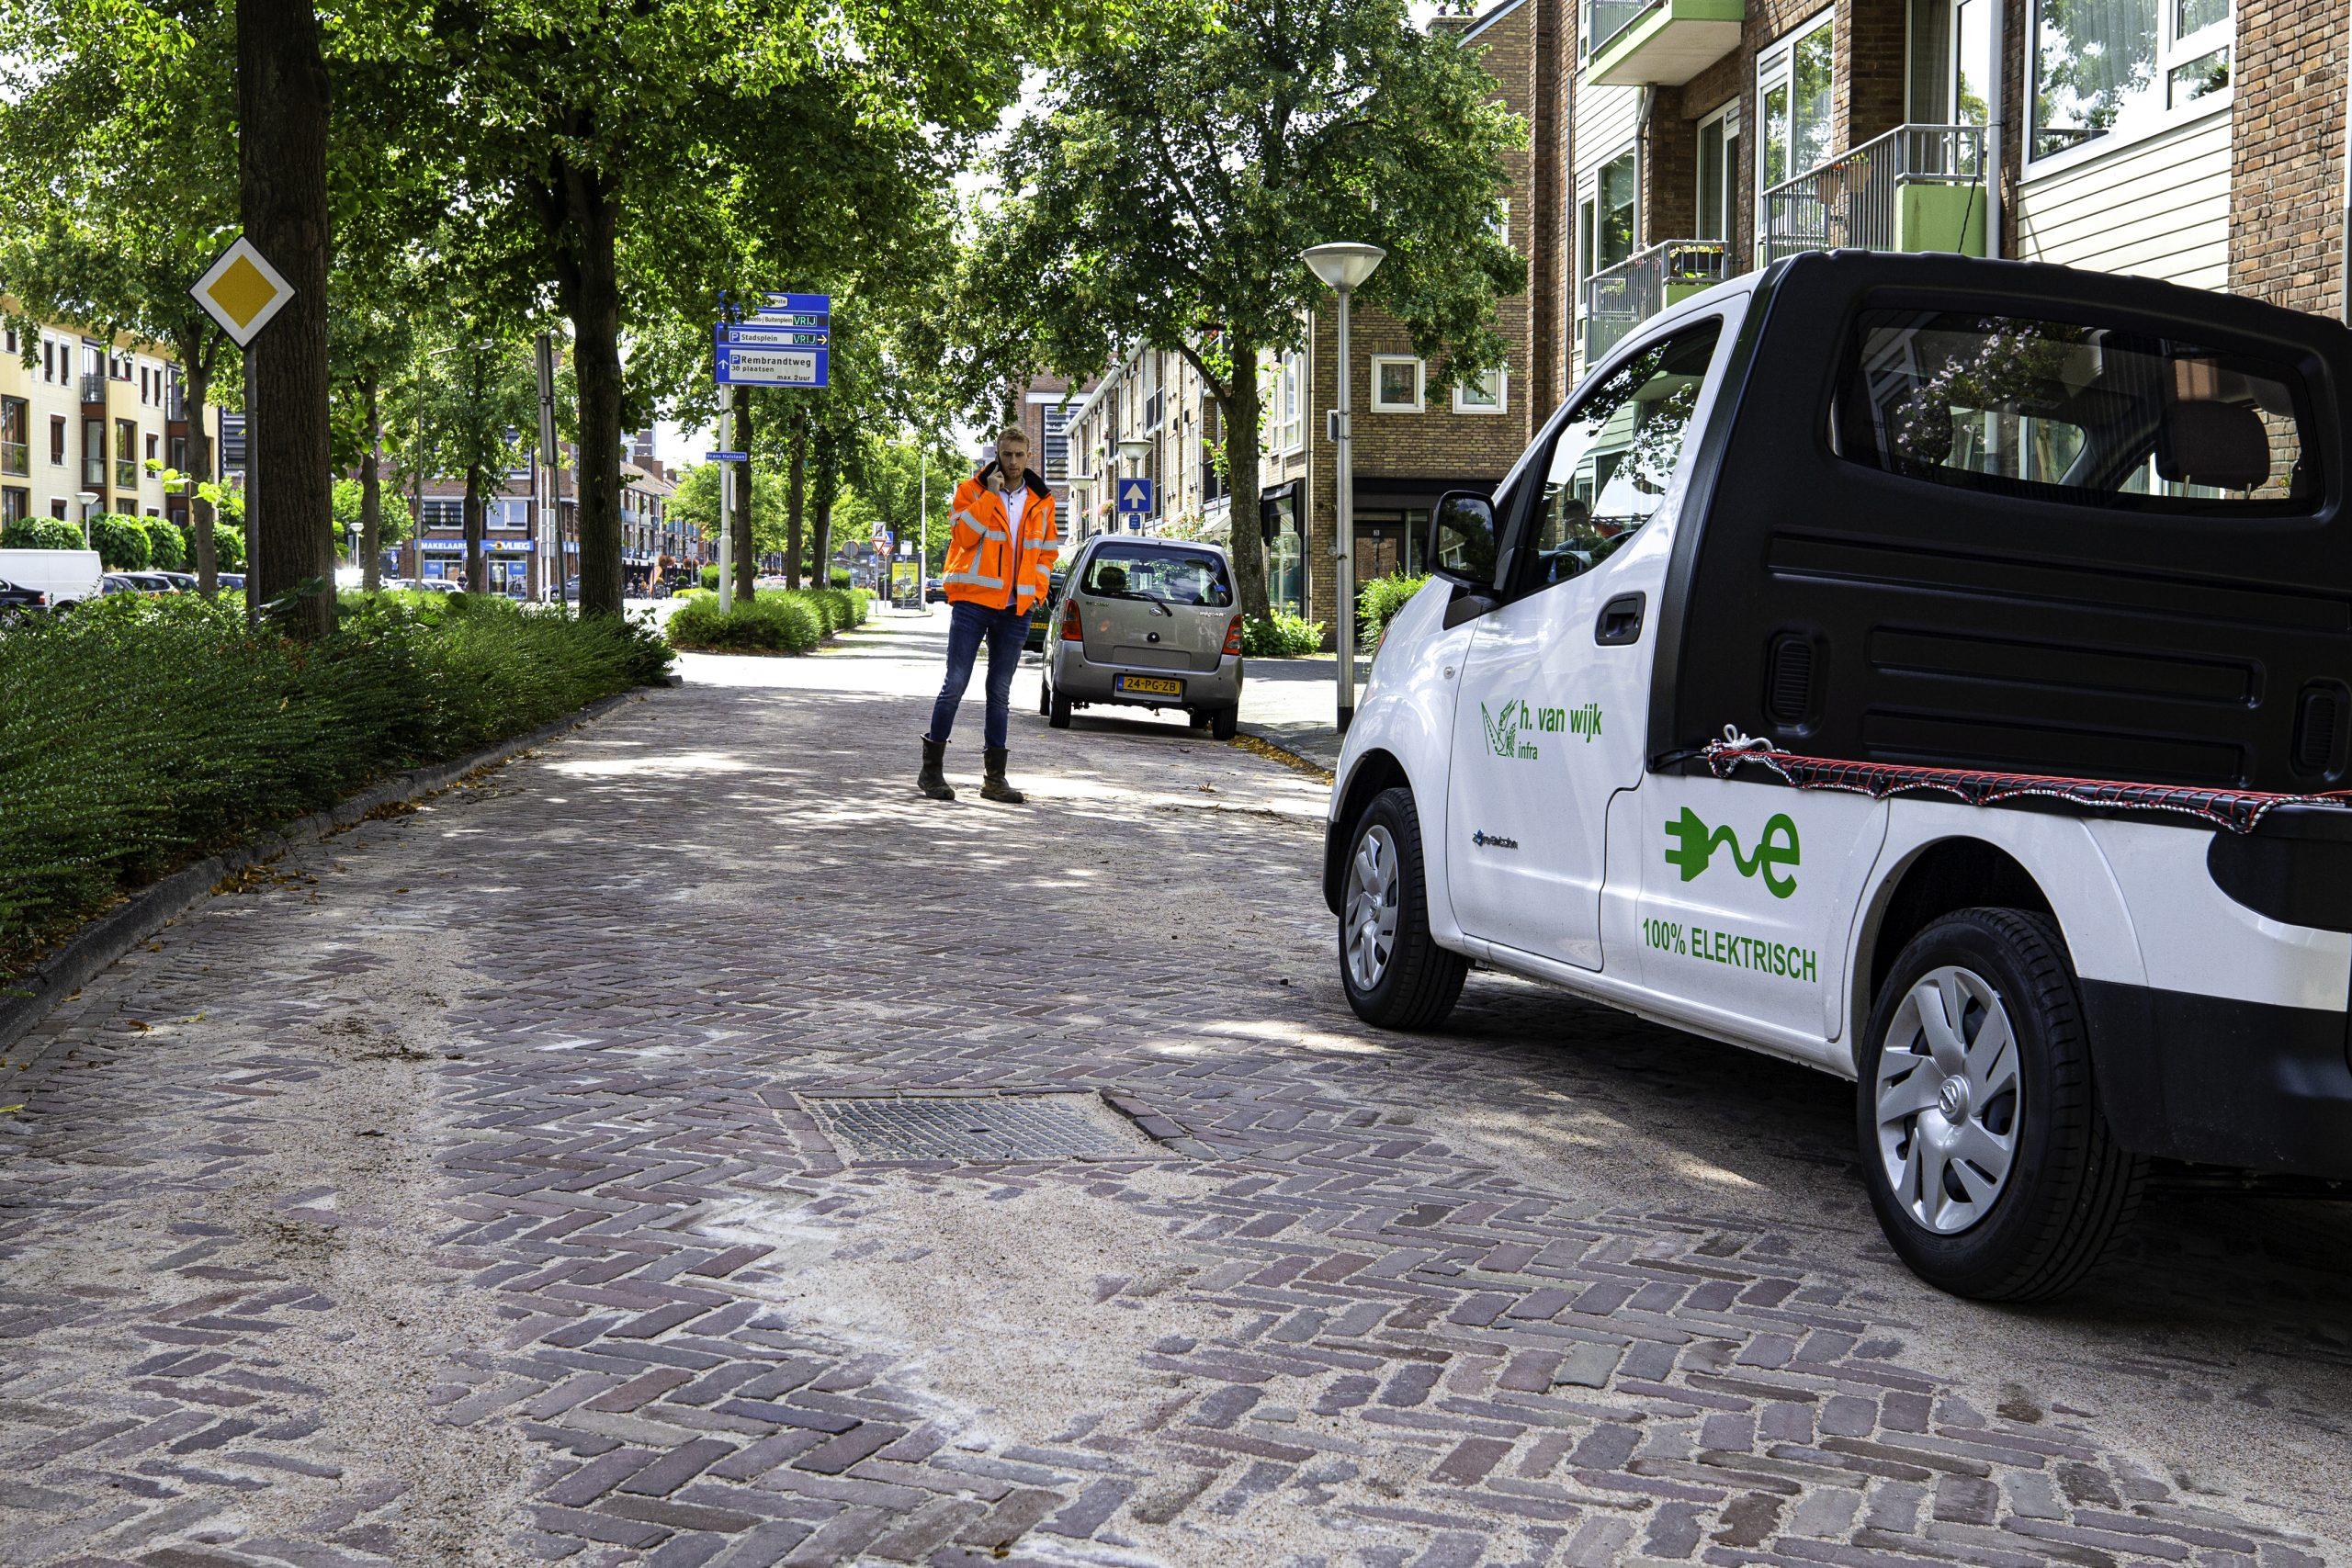 Elektrisch voertuig H. van Wijk